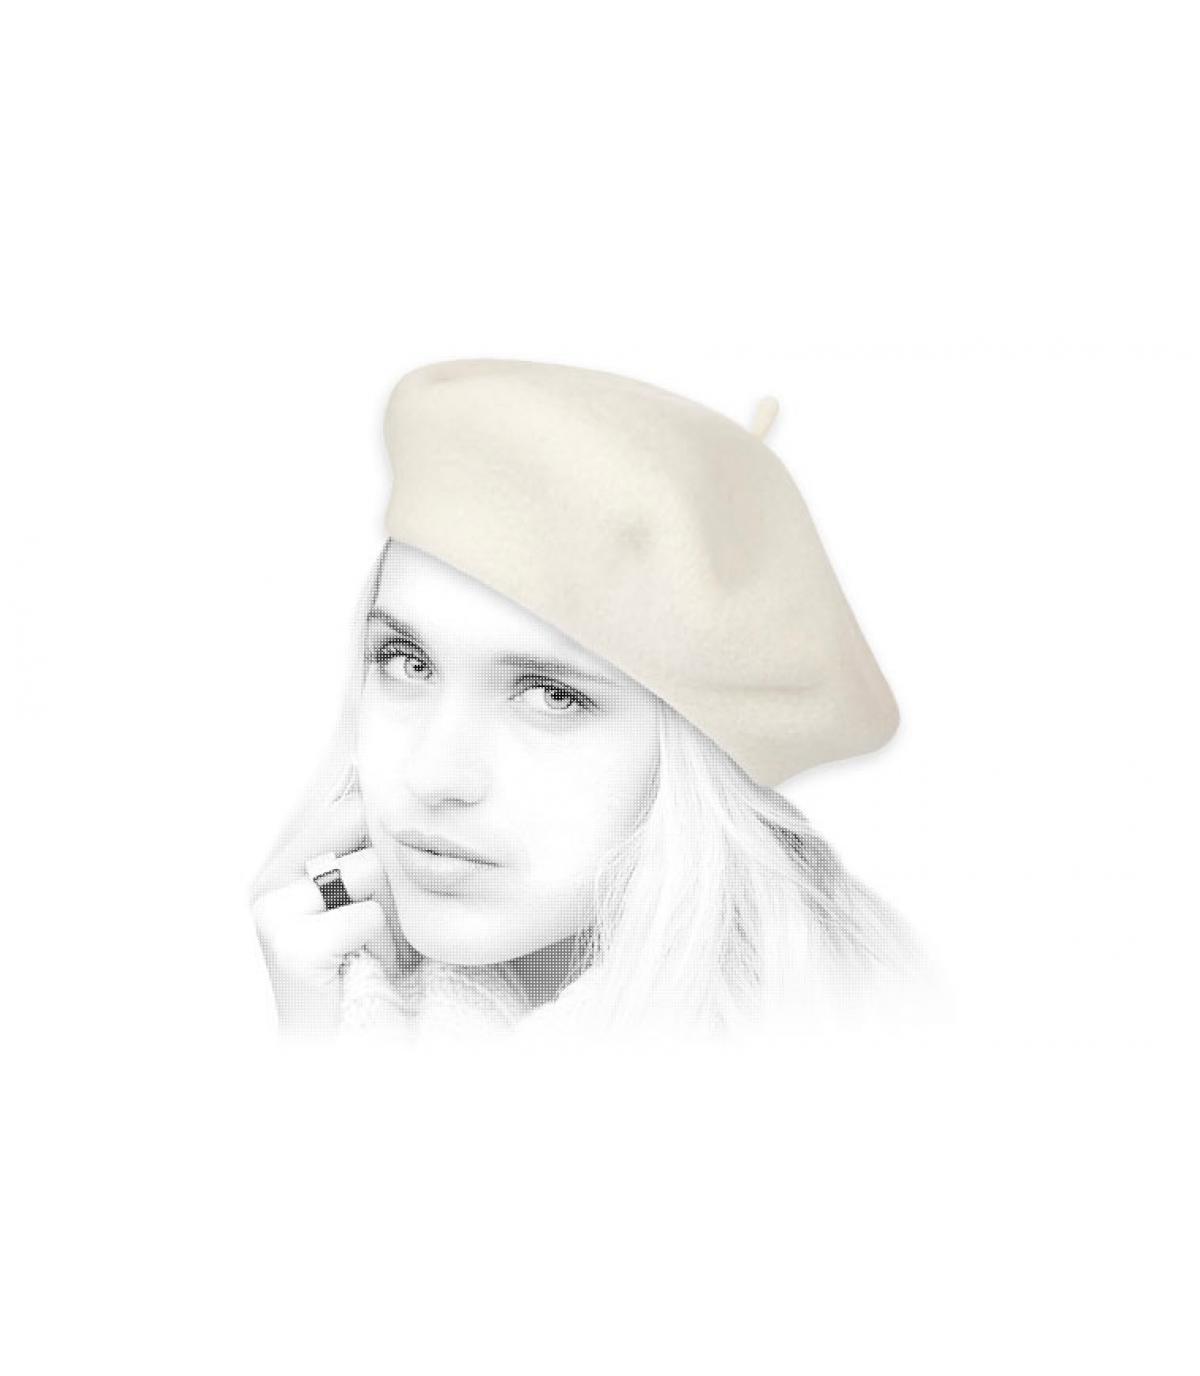 baret beige wol Laulhère